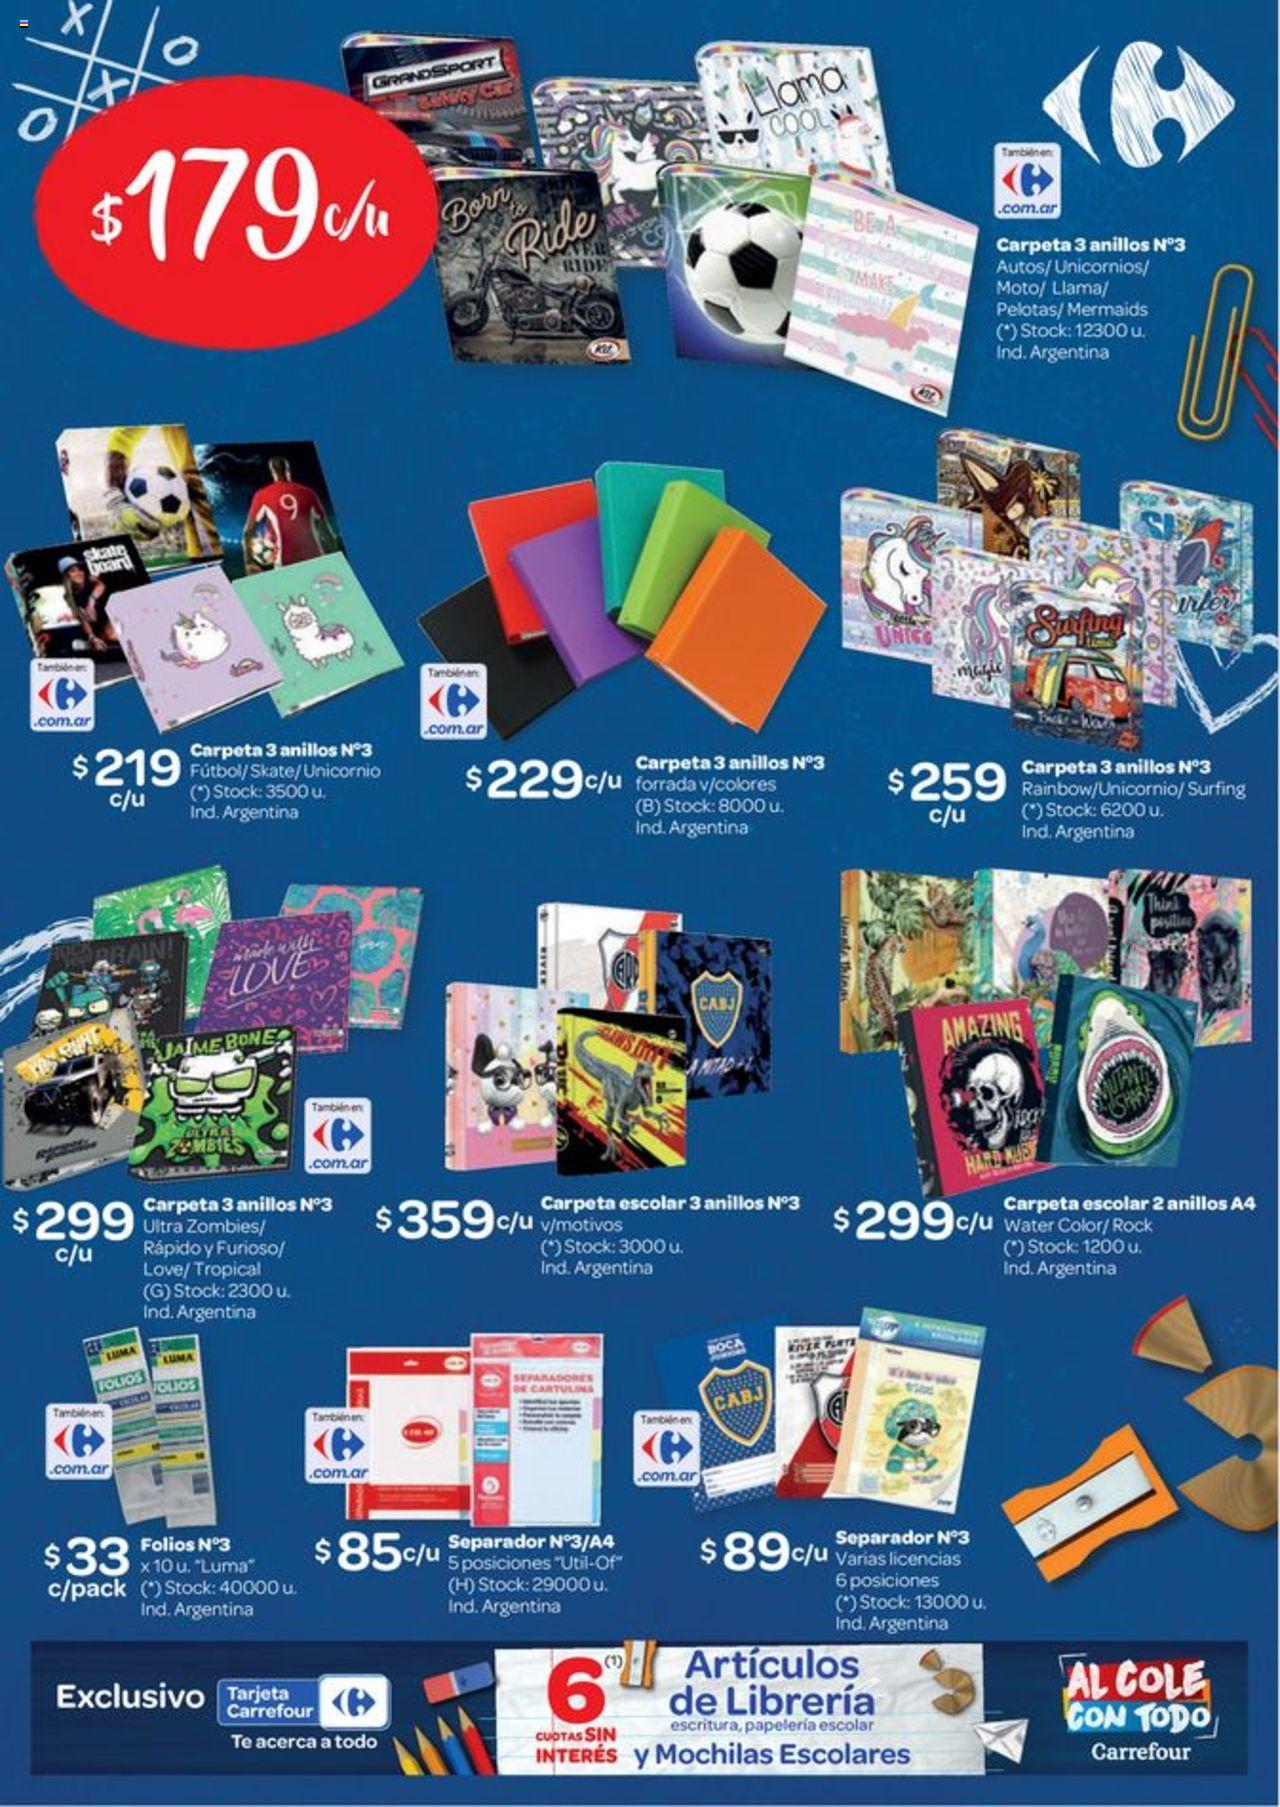 Carrefour Oferta válido desde el 13/02/2020 número de página 1 | Página: 3